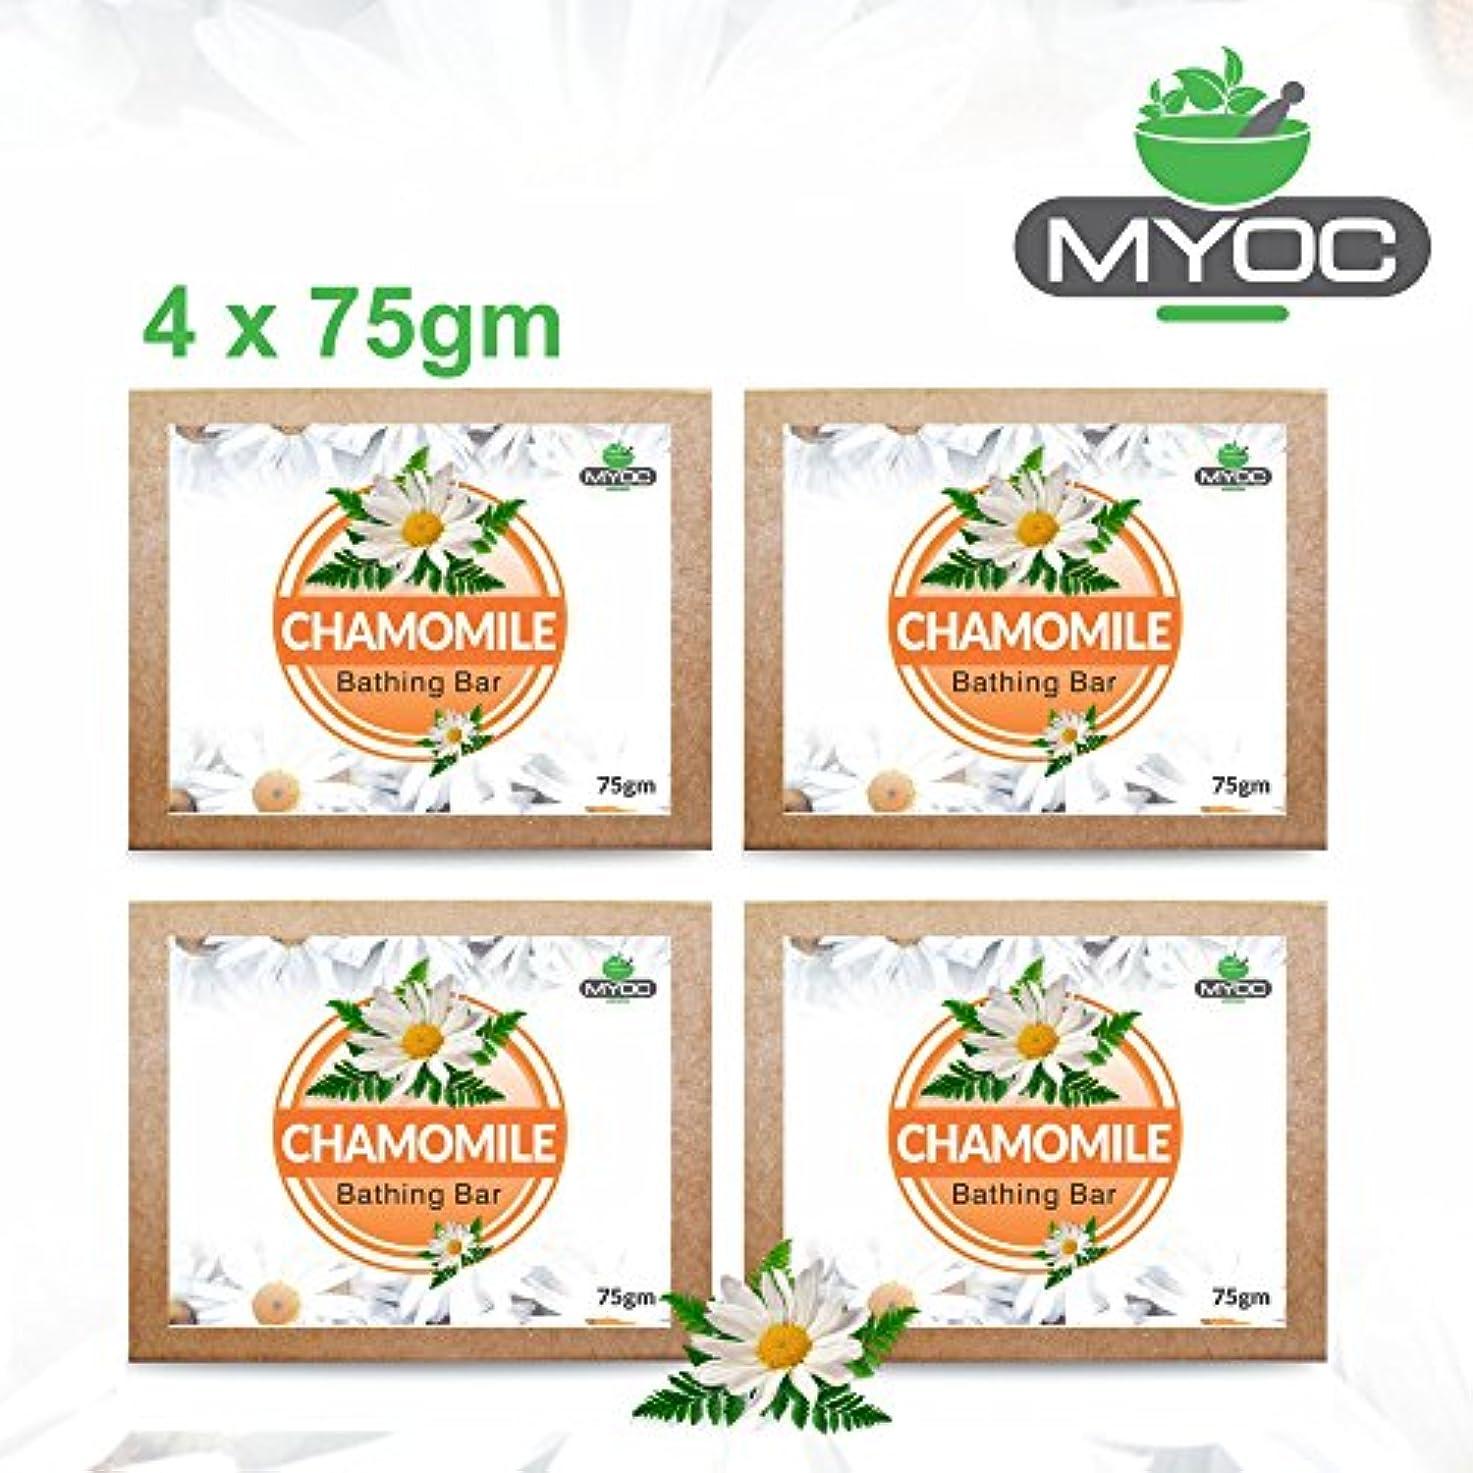 十分にトランクレーニン主義Chamomile Extract, Vitamin E and Glycerine soap for sensitive skin, dry skin and eczema 75gm x 4 Pack